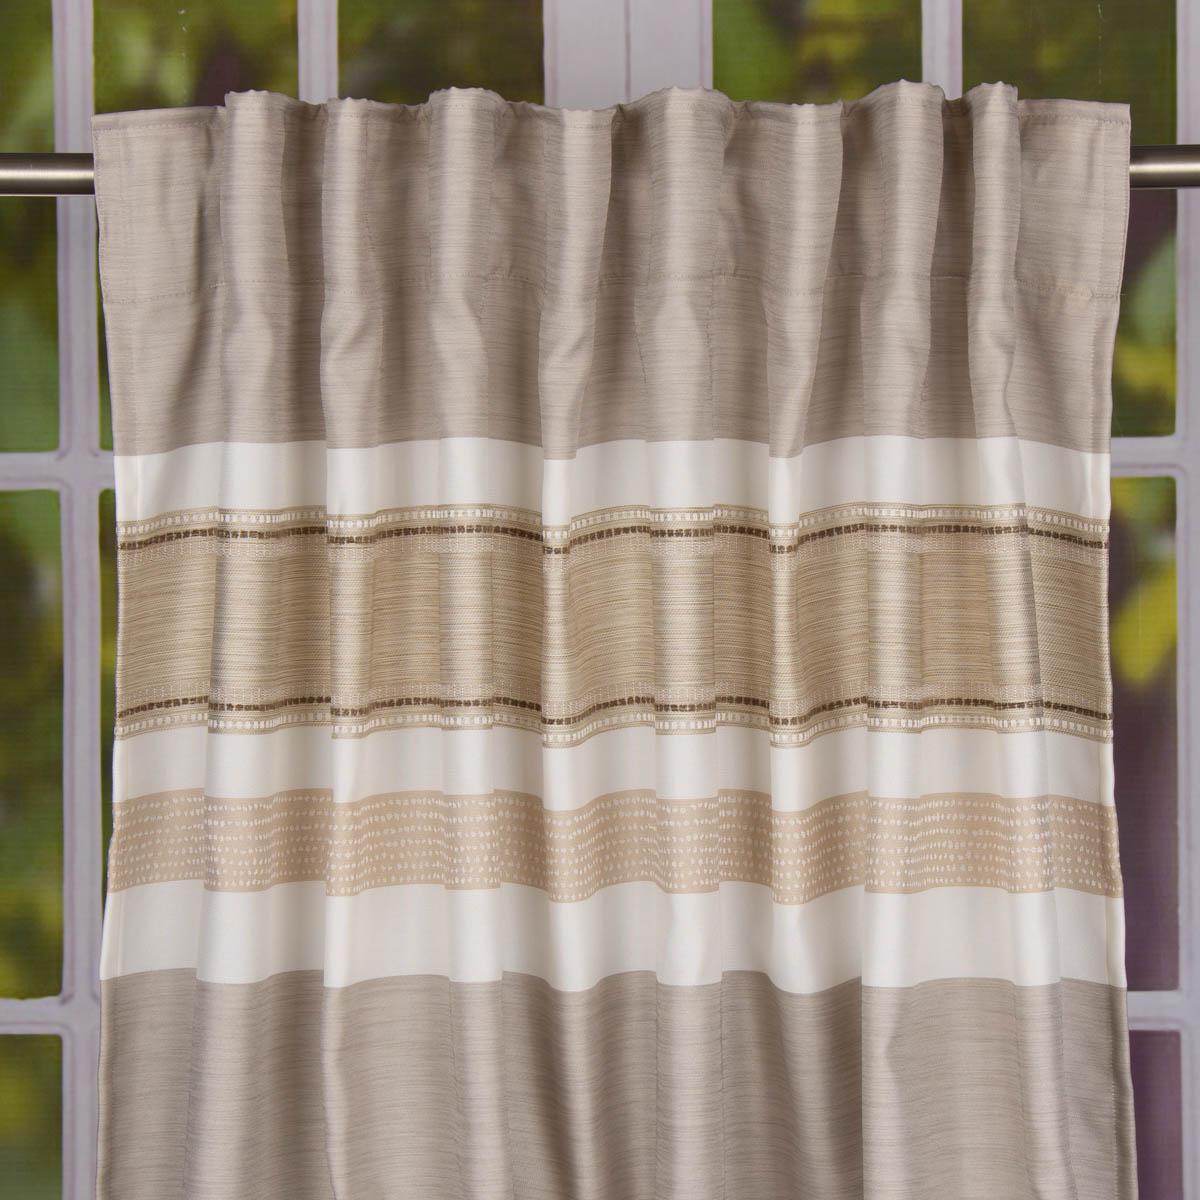 fertigvorhang mit band vorhang querstreifen creme braun 146x245cm gardinen fertiggardinen schals. Black Bedroom Furniture Sets. Home Design Ideas